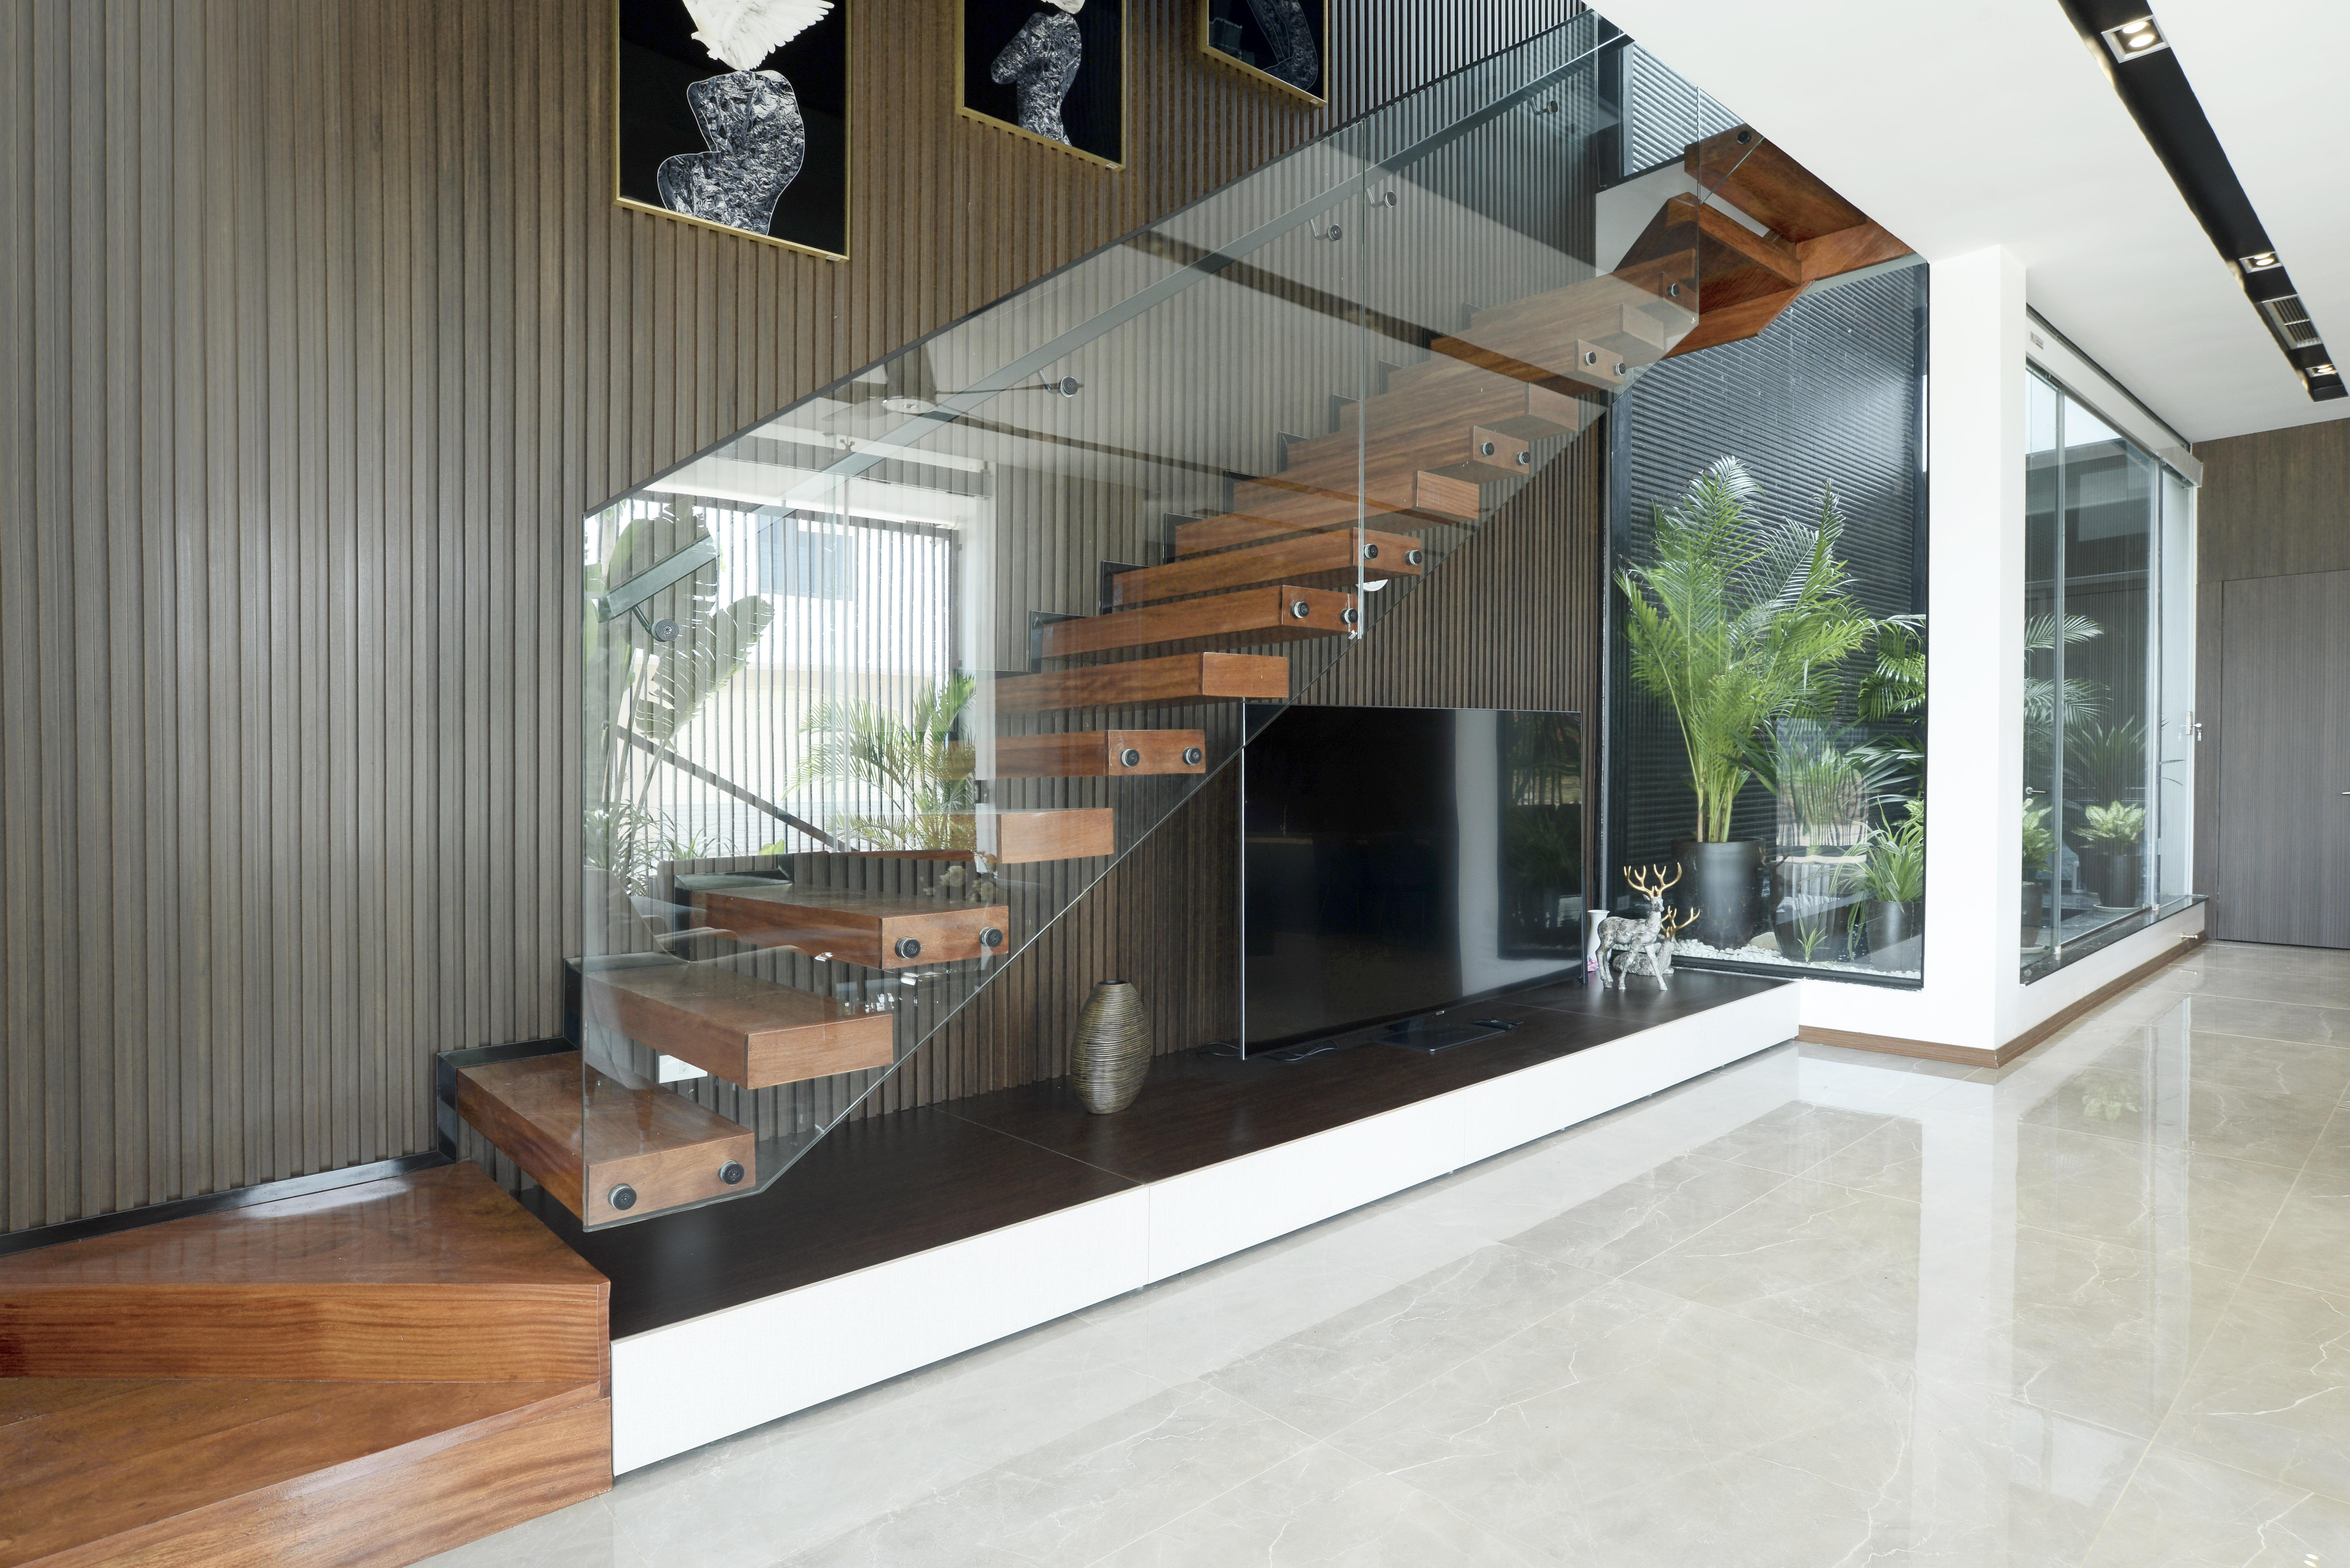 Cầu thang thiết kế theo xu hướng hiện đại